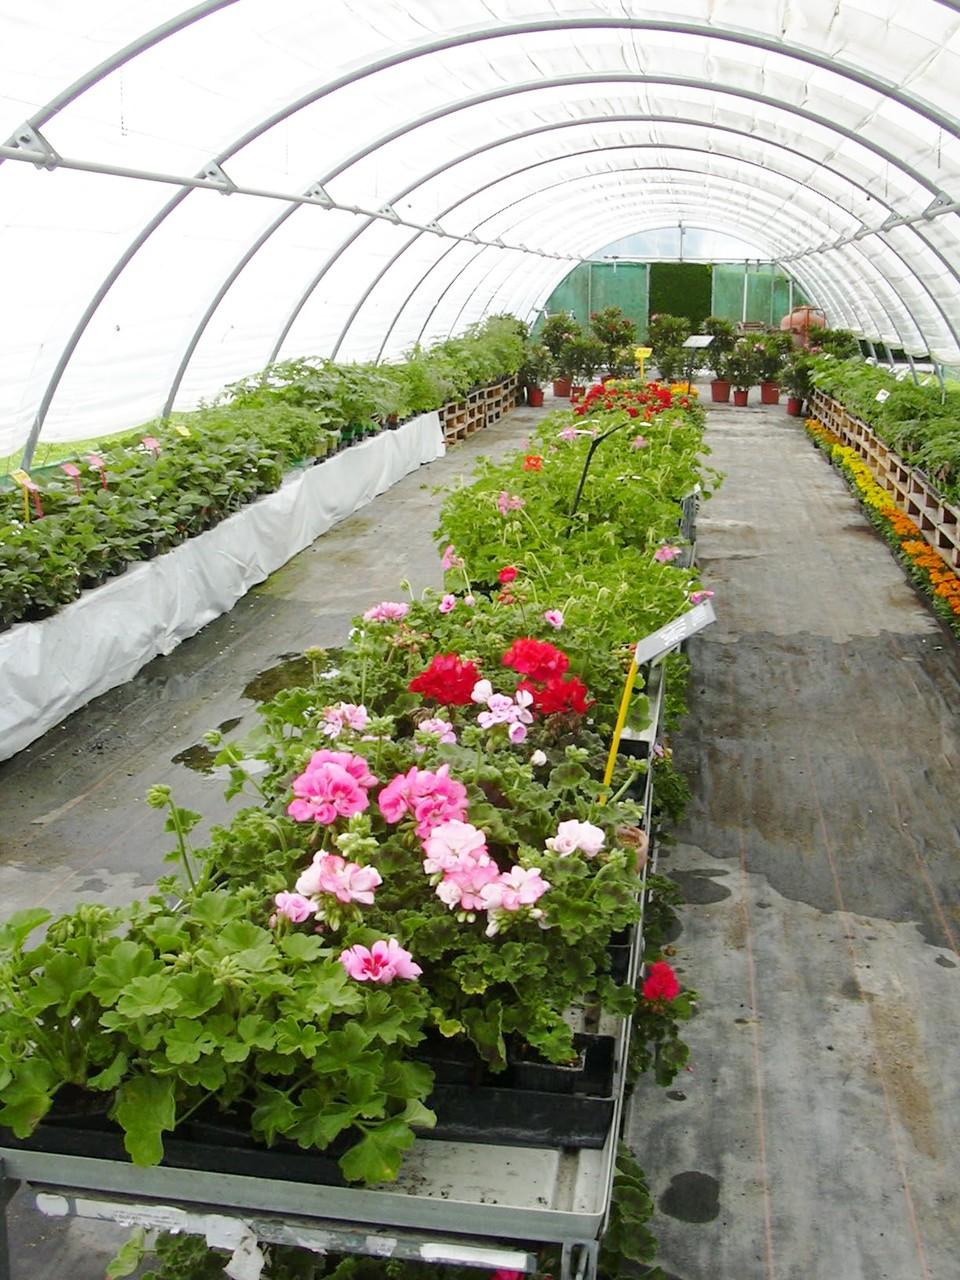 Horaires d 39 ouverture gaec des chalets horticulture - Horaire d ouverture jardin des plantes ...